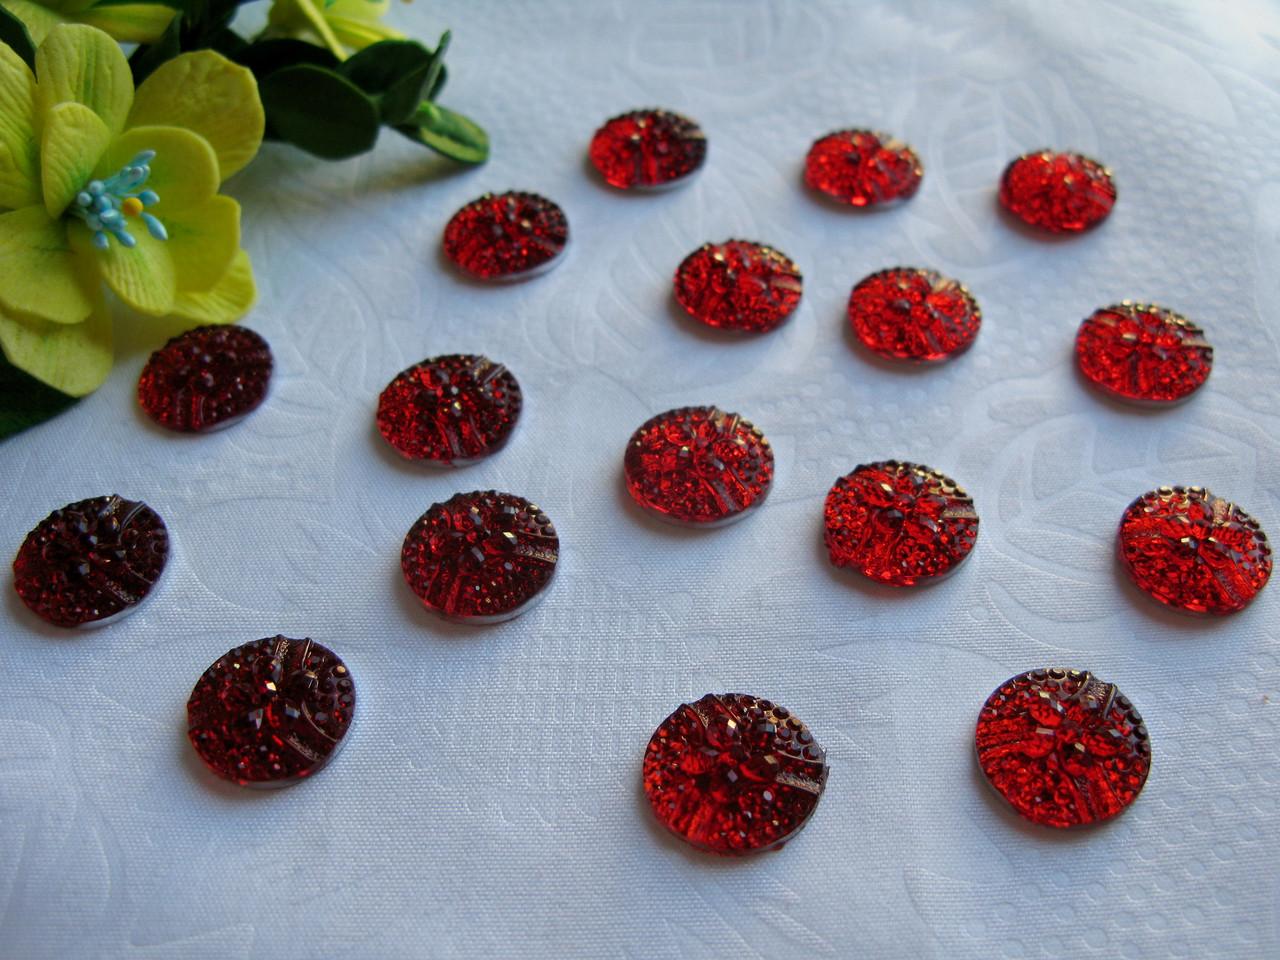 Полубусины - Цветочек цвет красный -  р-р 16 мм цена 1 грн - 1 шт